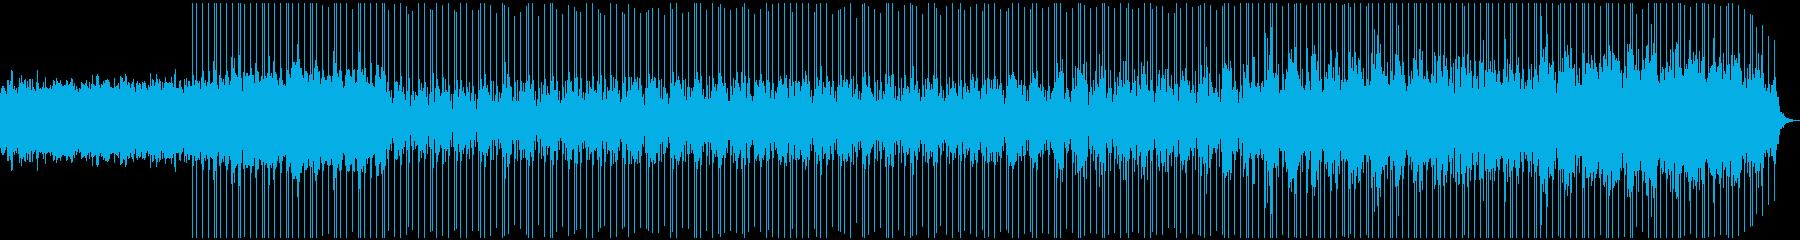 ダークでゆったりとしたエレクトロニカの再生済みの波形